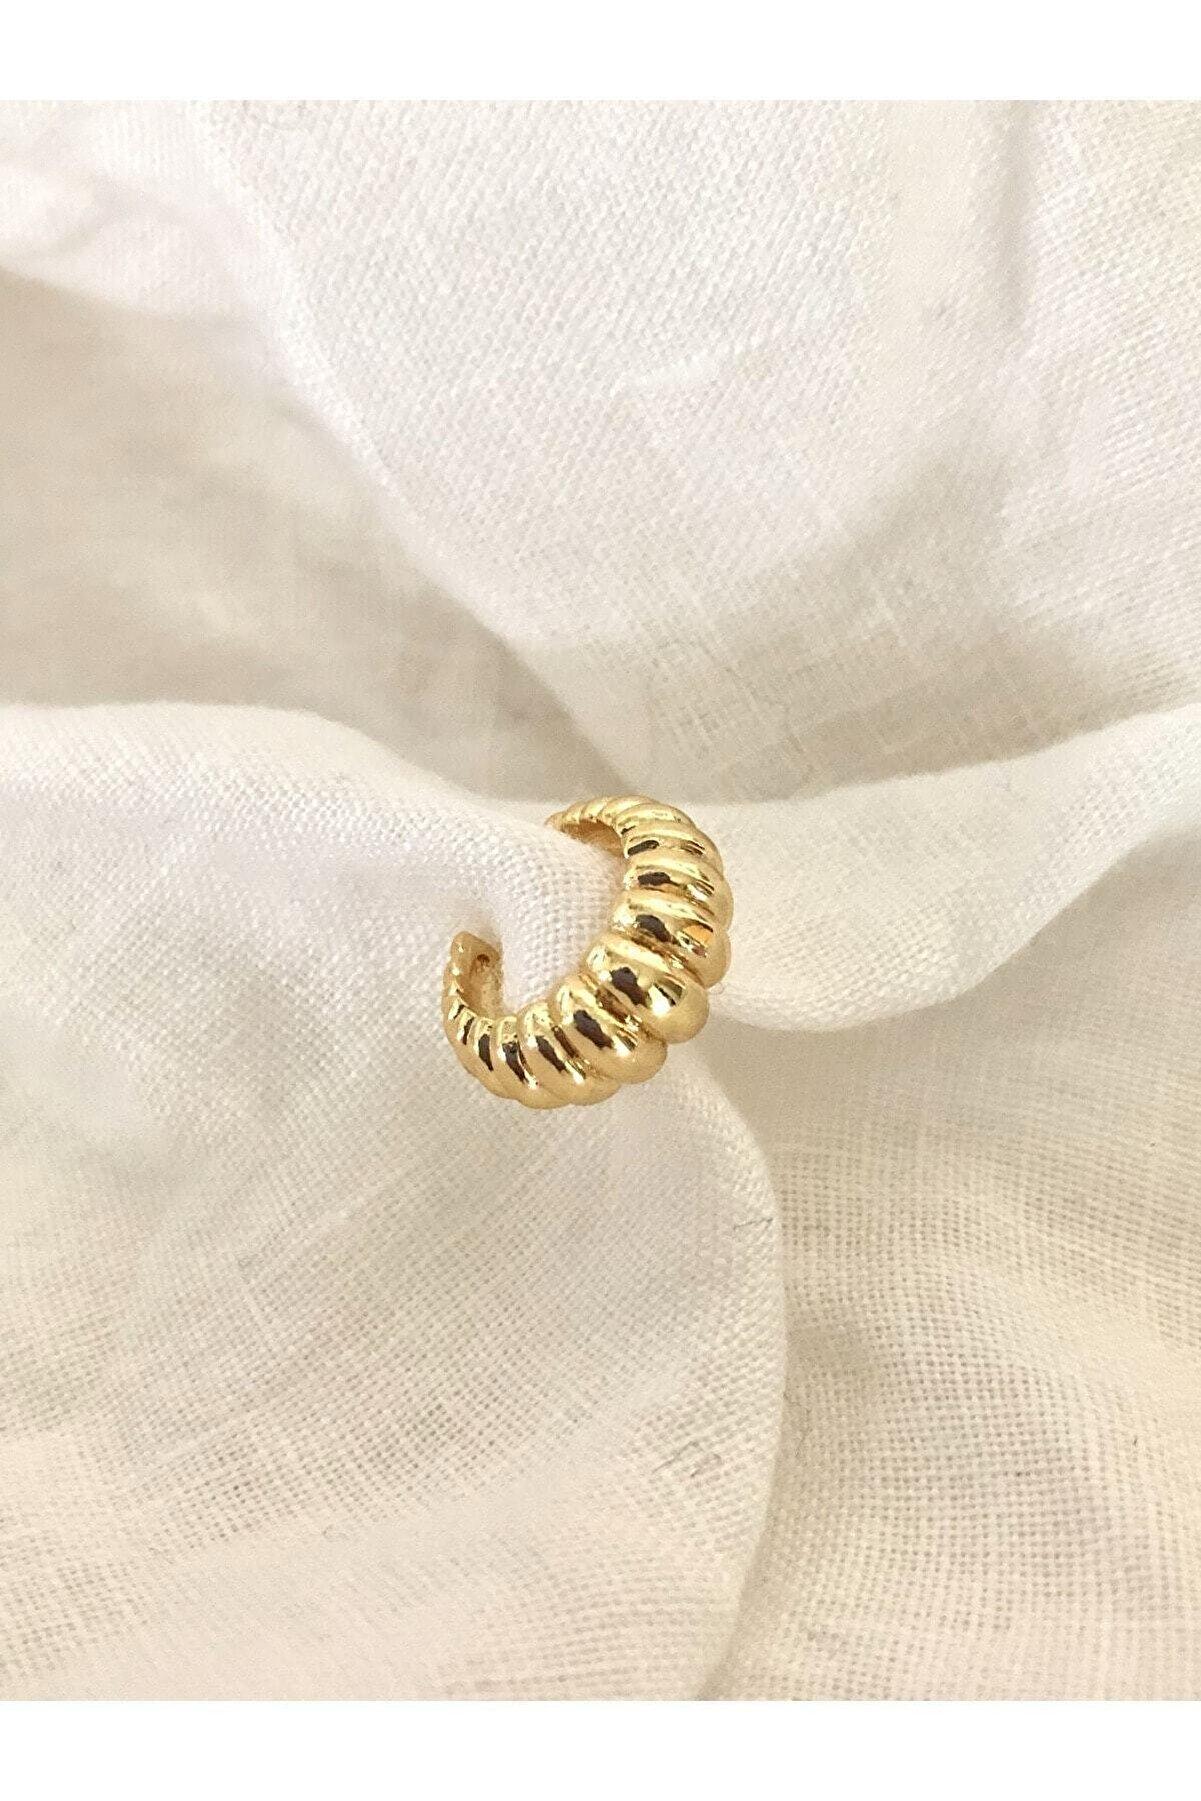 The Y Jewelry Altın Kaplama Kıkırdak Küpe